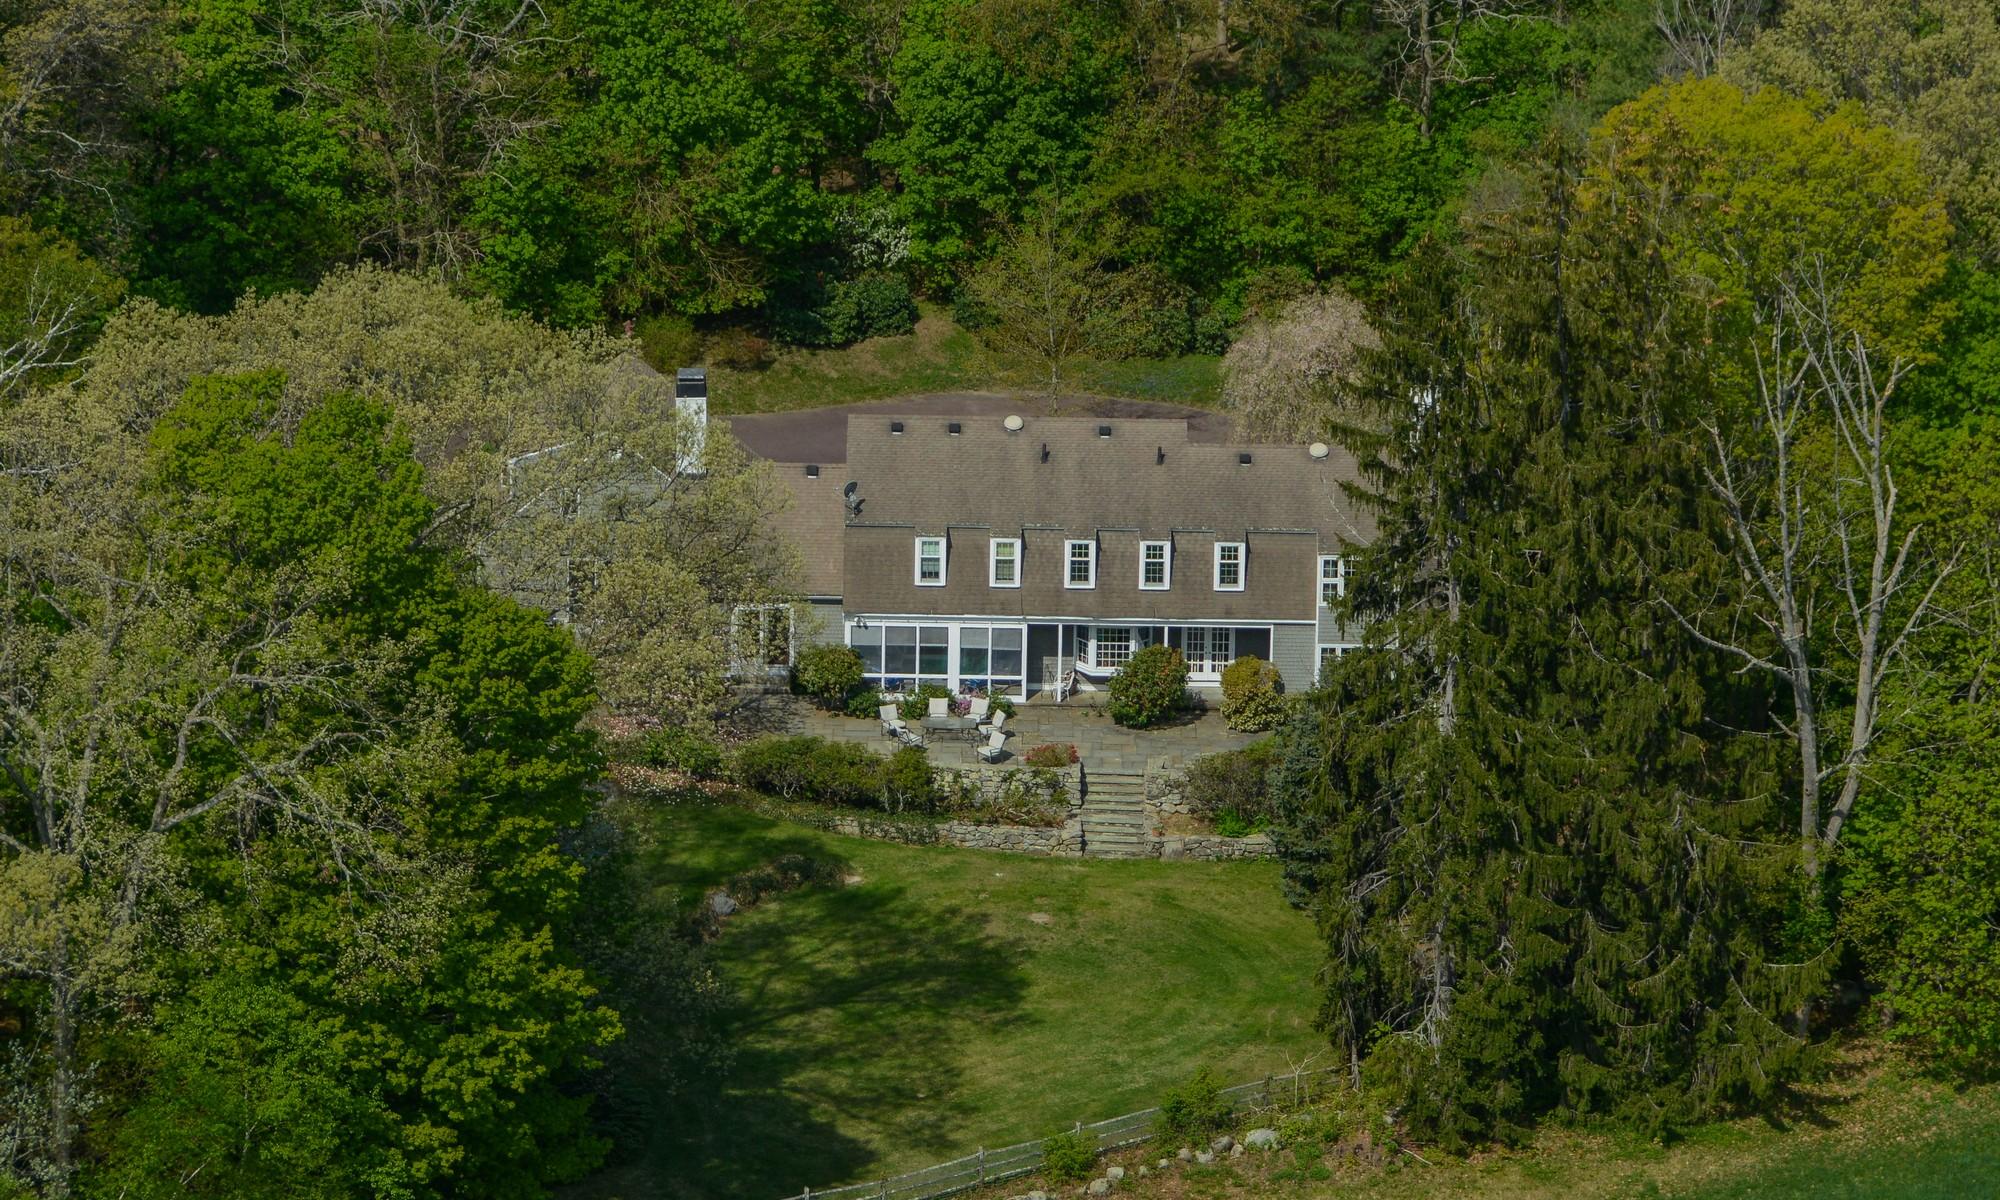 Maison unifamiliale pour l Vente à Country Elegance / Dutch Colonial 660 Monument Street Concord, Massachusetts 01742 États-Unis